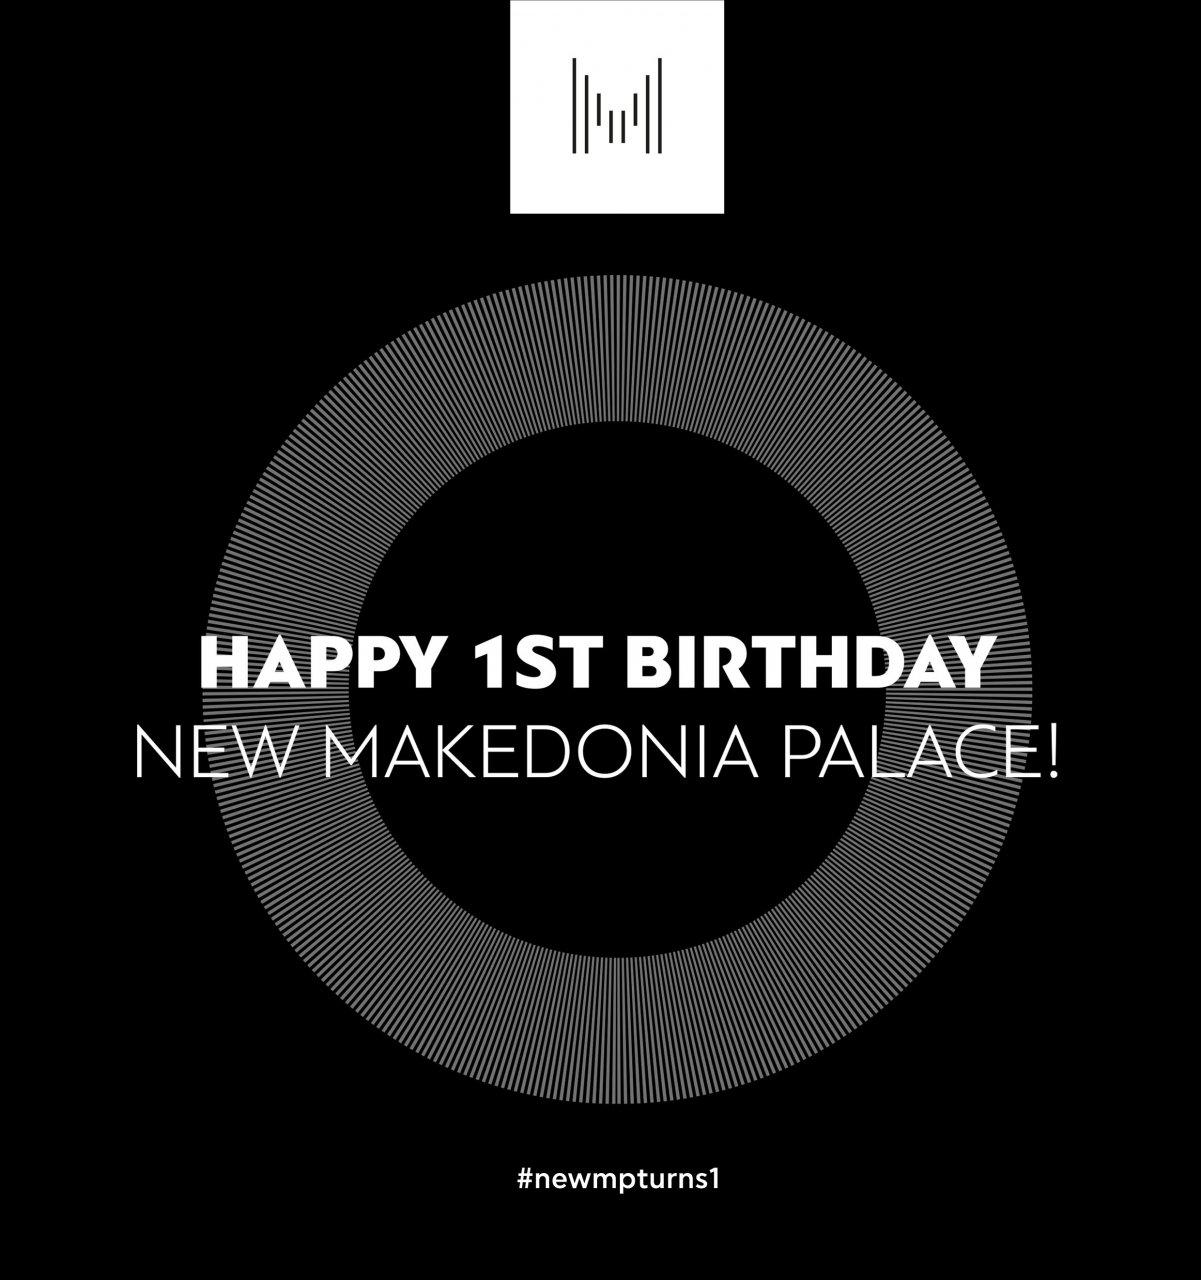 Ένας χρόνος λειτουργίας για το πλήρες ανακαινισμένο Makedonia Palace!